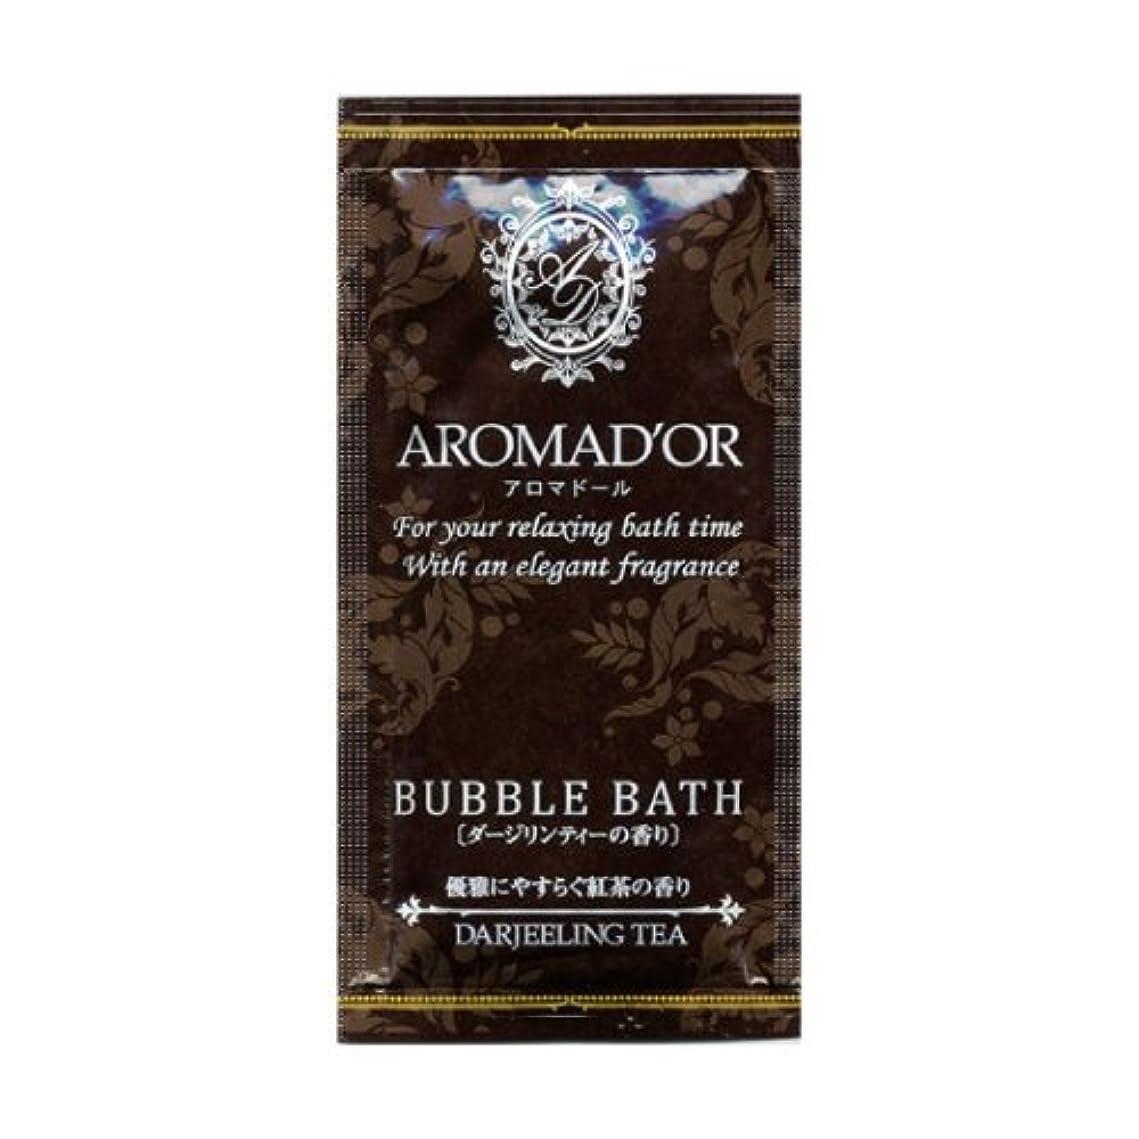 夕方恥過ちアロマドール バブルバス ダージリンティーの香り 12包